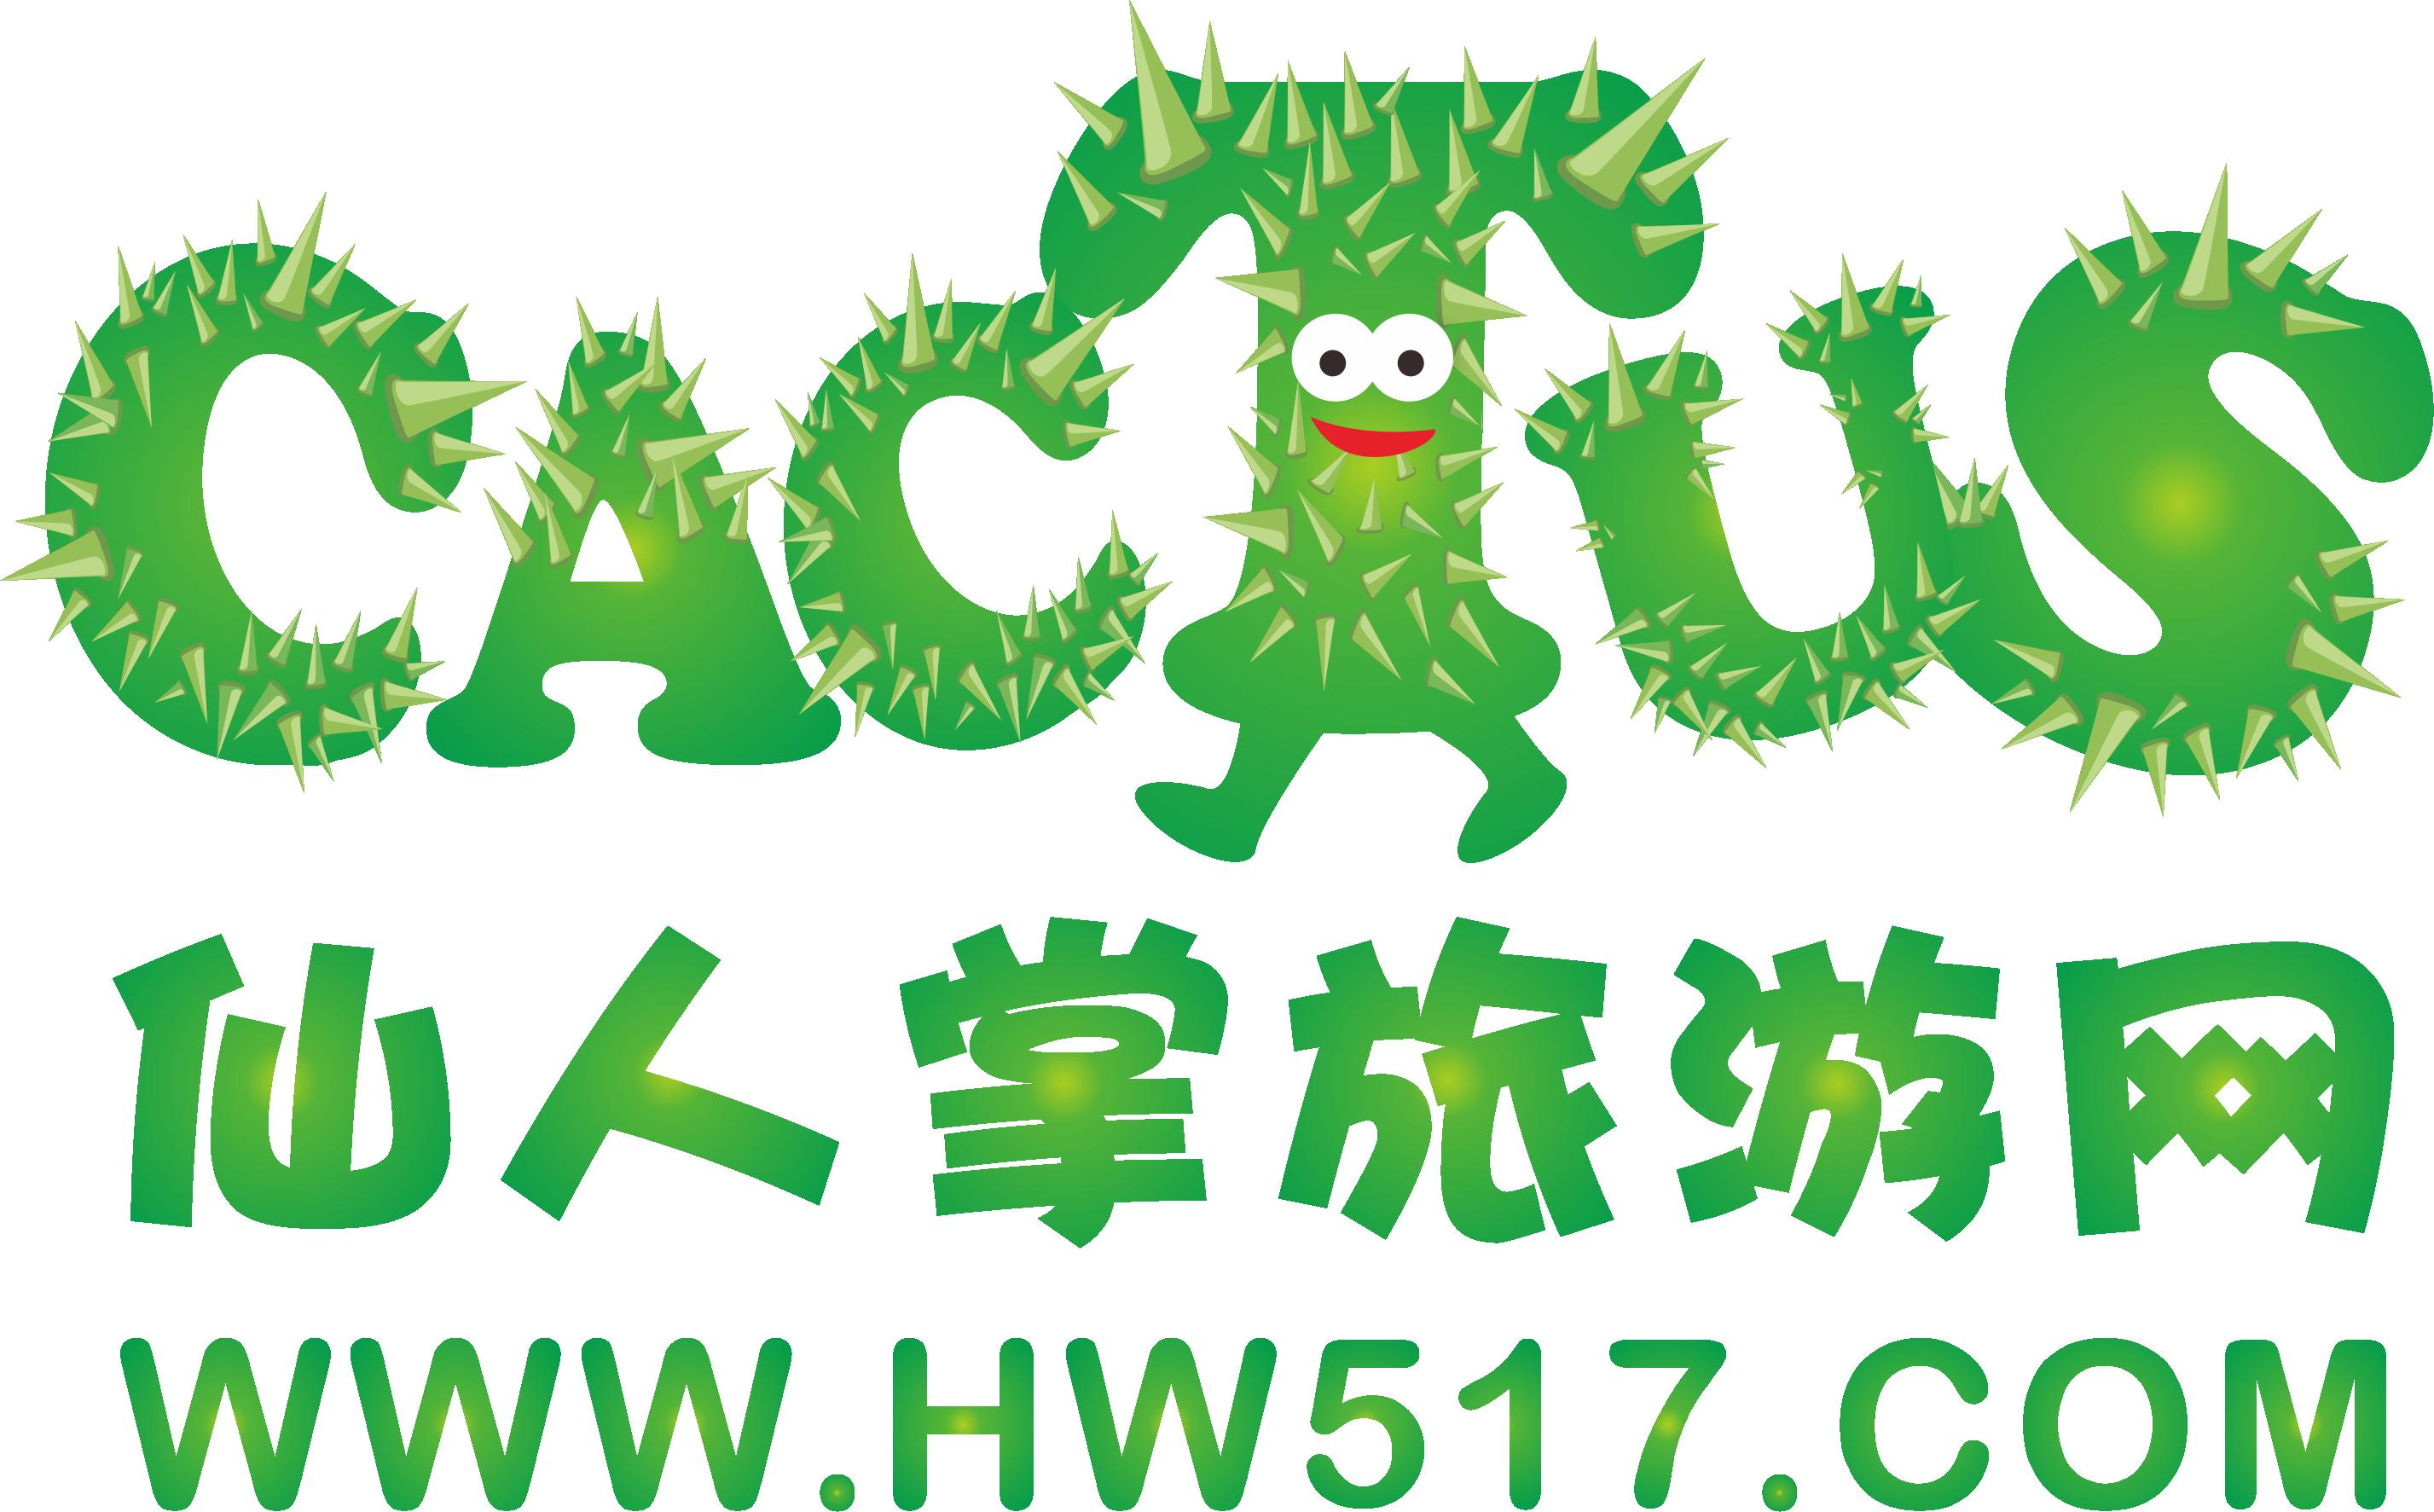 【仙人掌旅游】武夷山天游峰、虎啸岩、一线天双高特价三日游